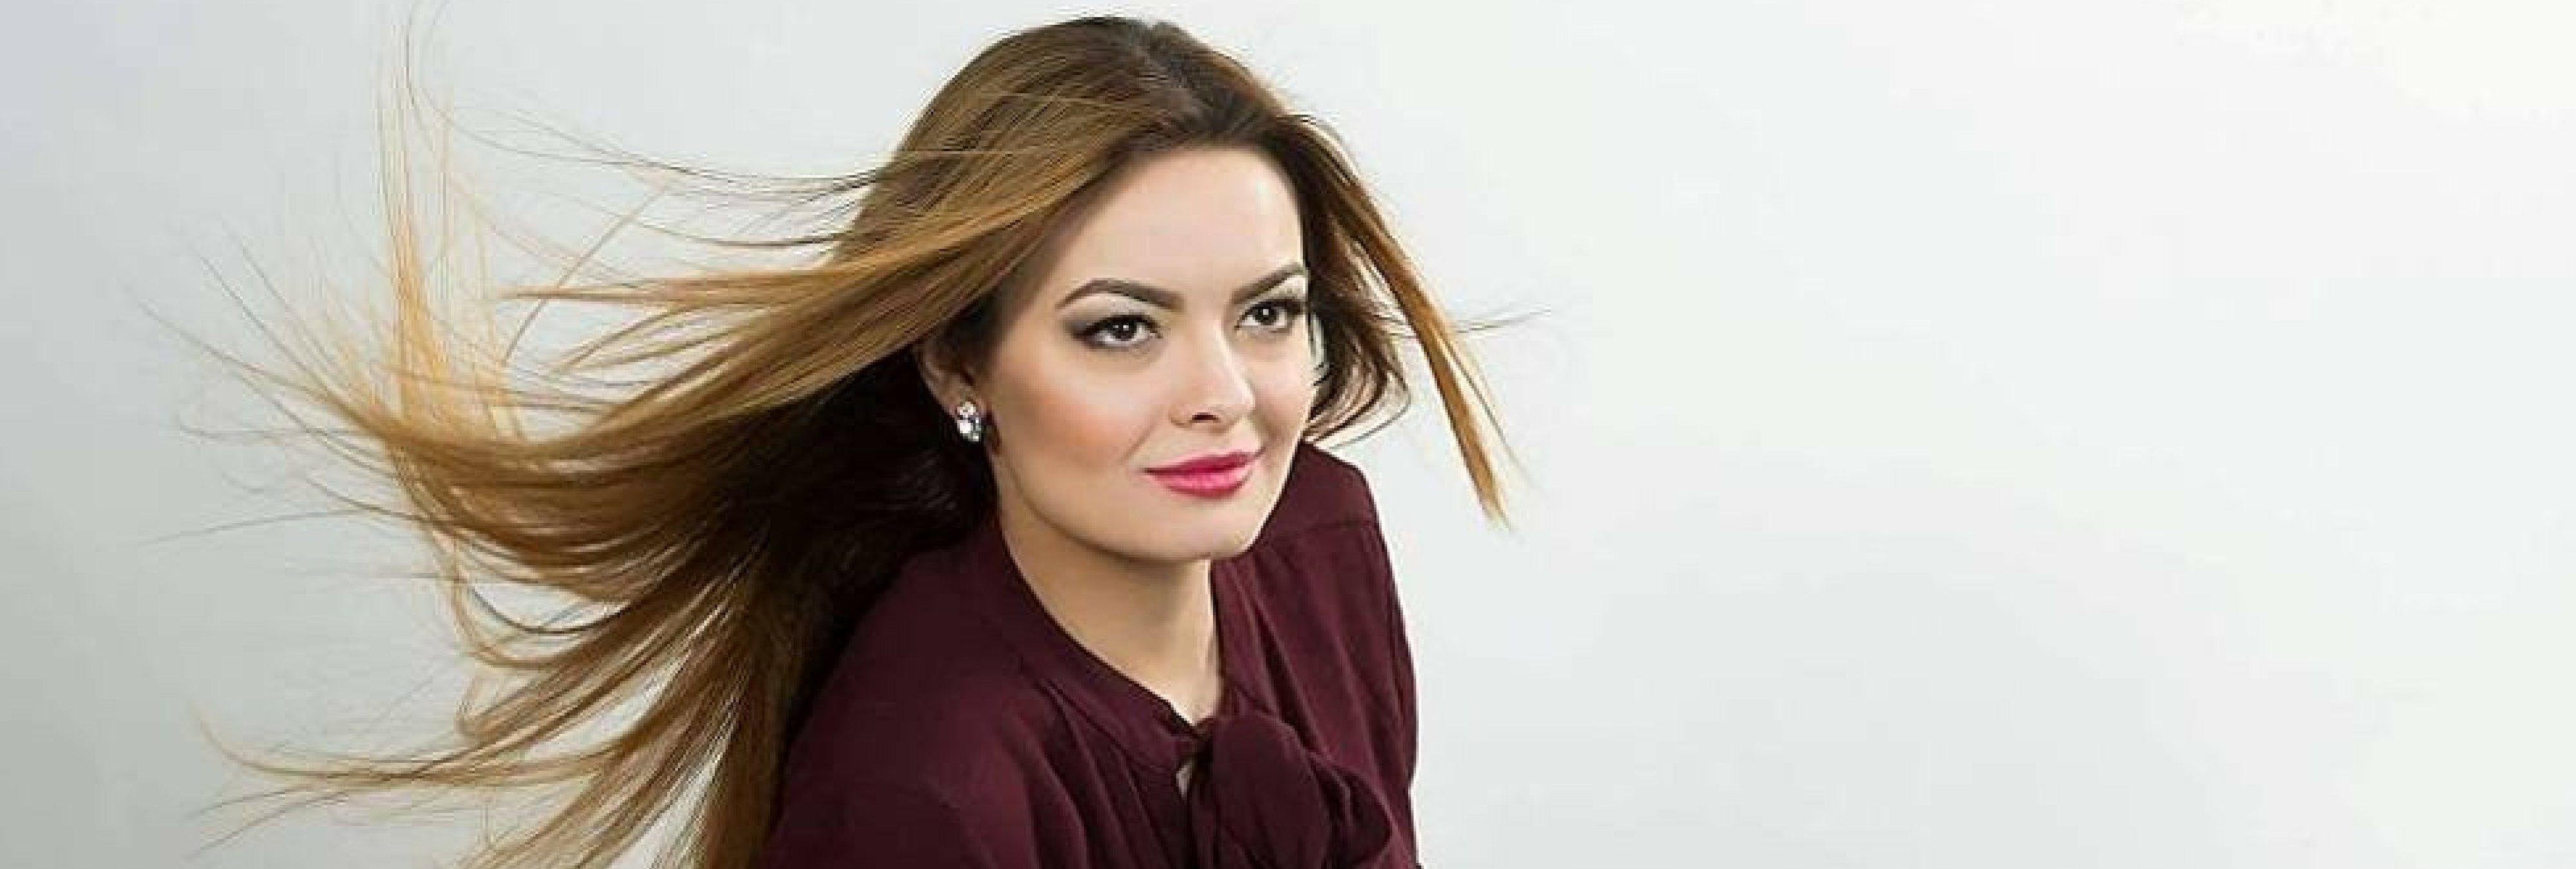 Eurovisión 2019: Moldavia da un paso atrás y vuelve a la balada clásica